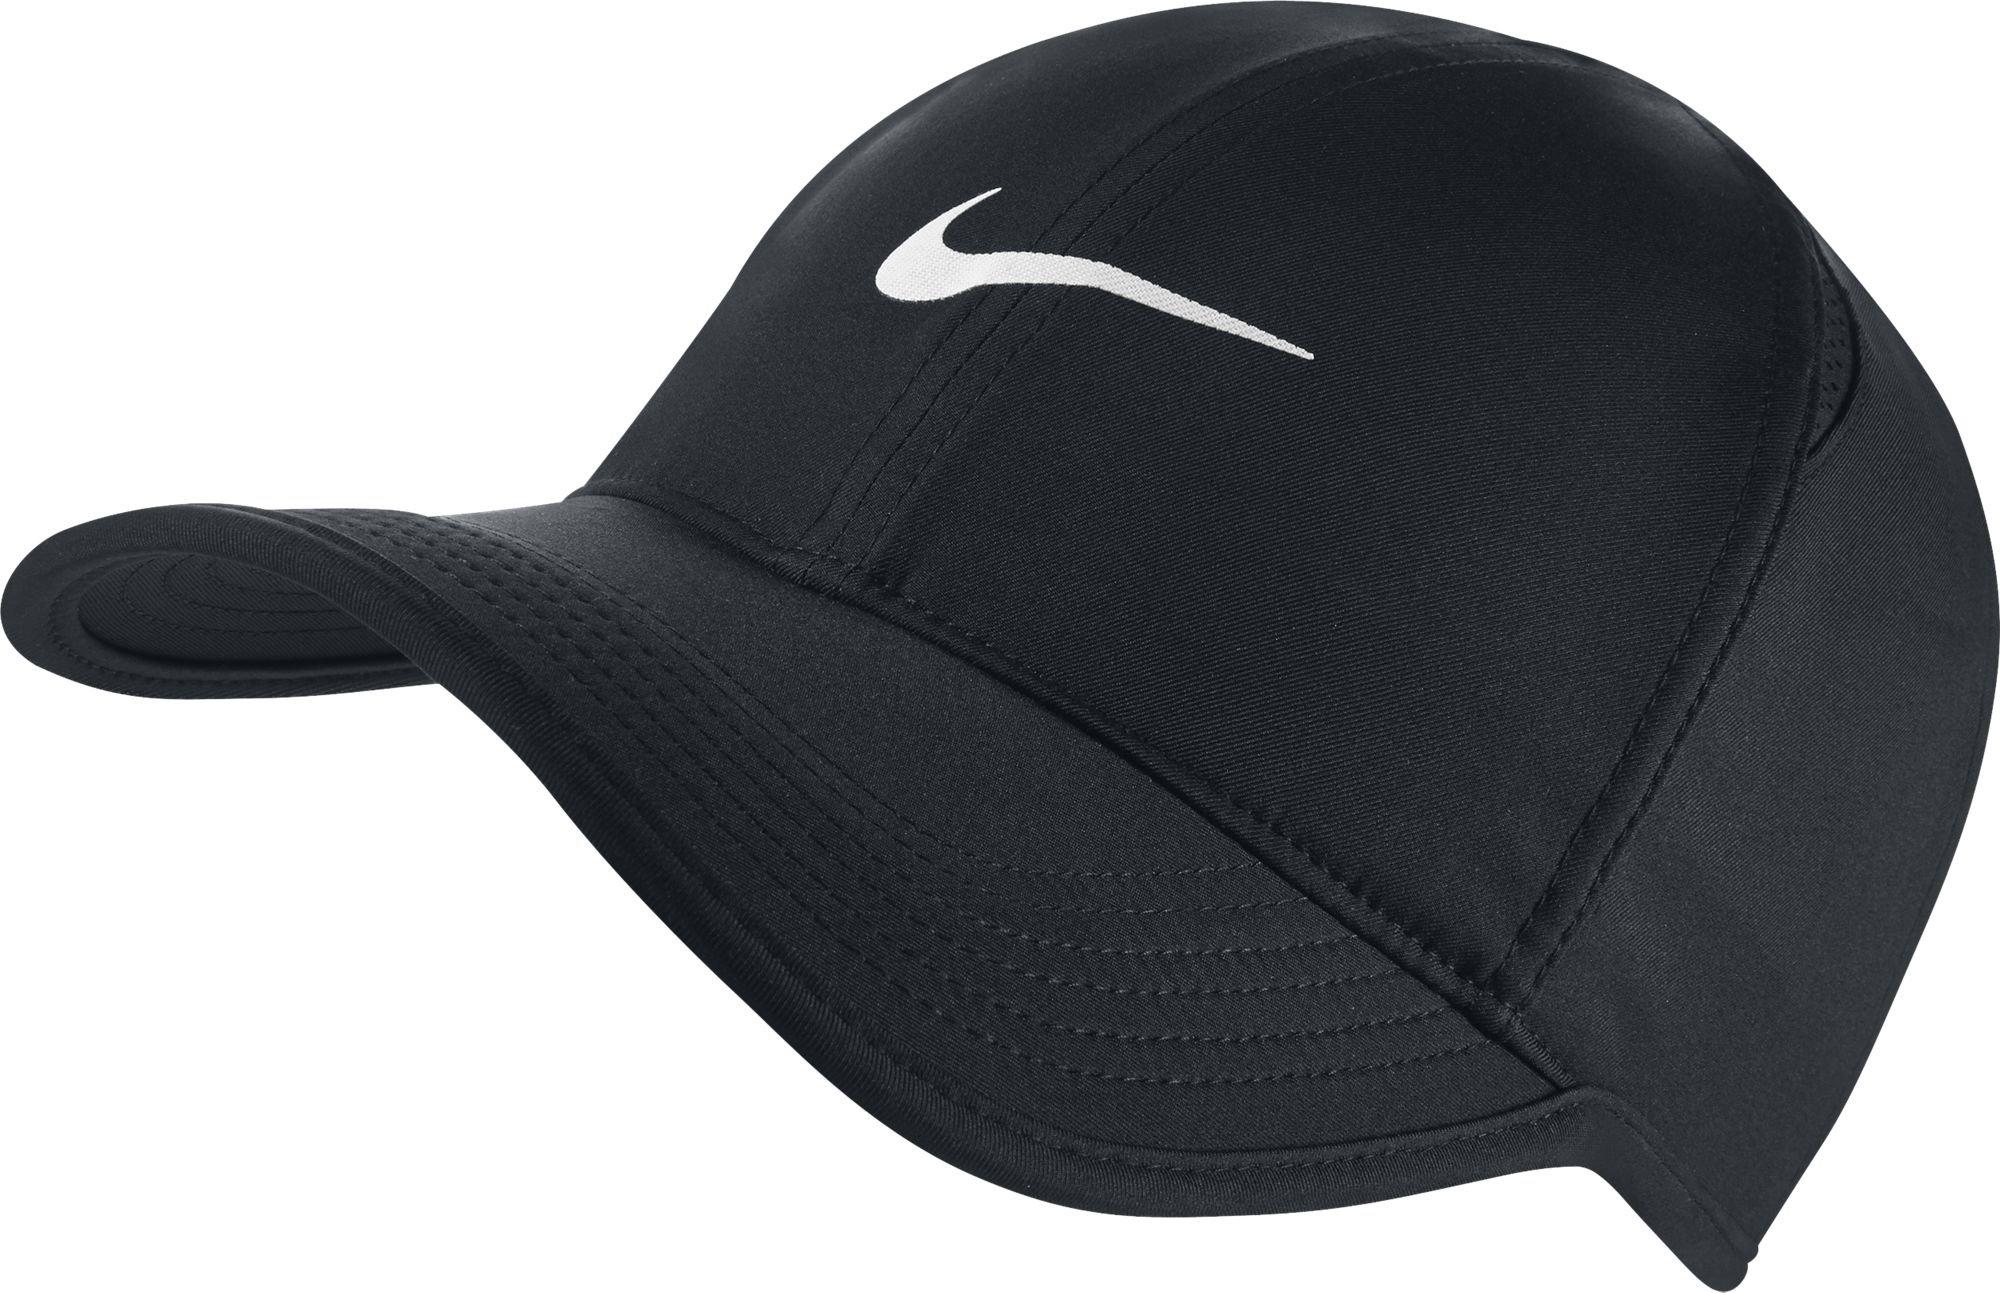 NIKE Unisex AeroBill Featherlight Cap, Black/Black/White, One Size by Nike (Image #1)